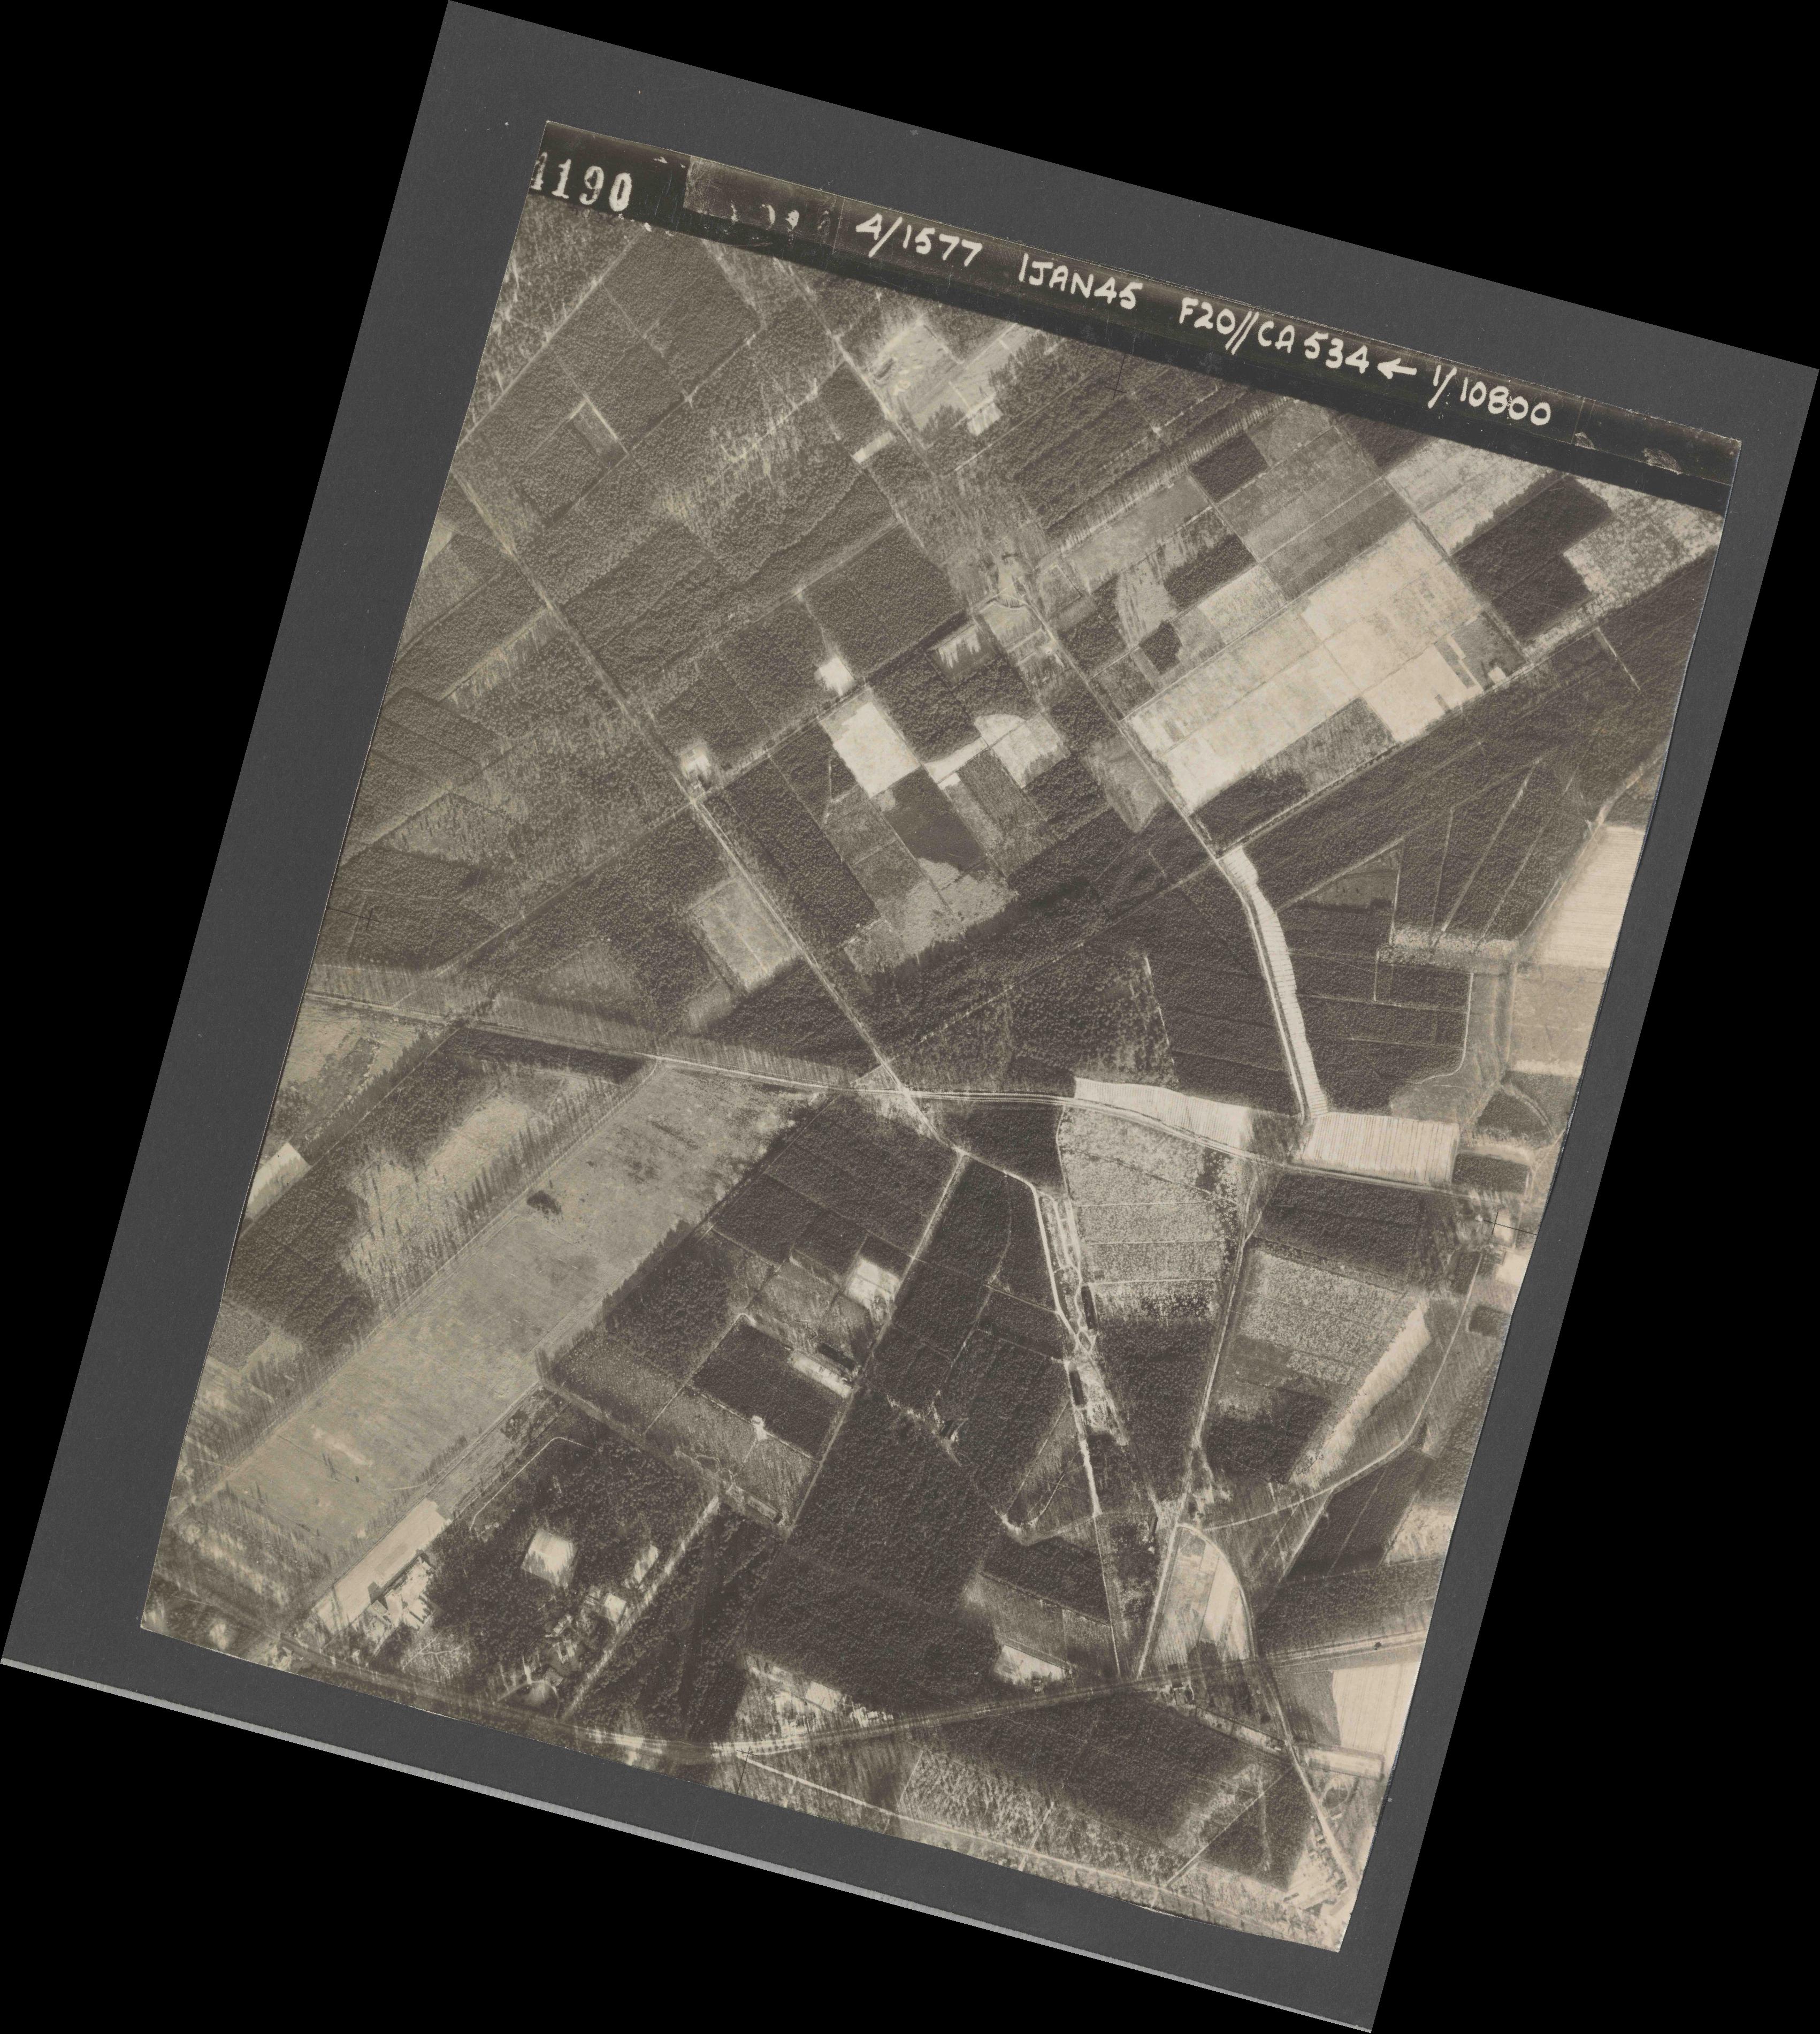 Collection RAF aerial photos 1940-1945 - flight 105, run 01, photo 4190